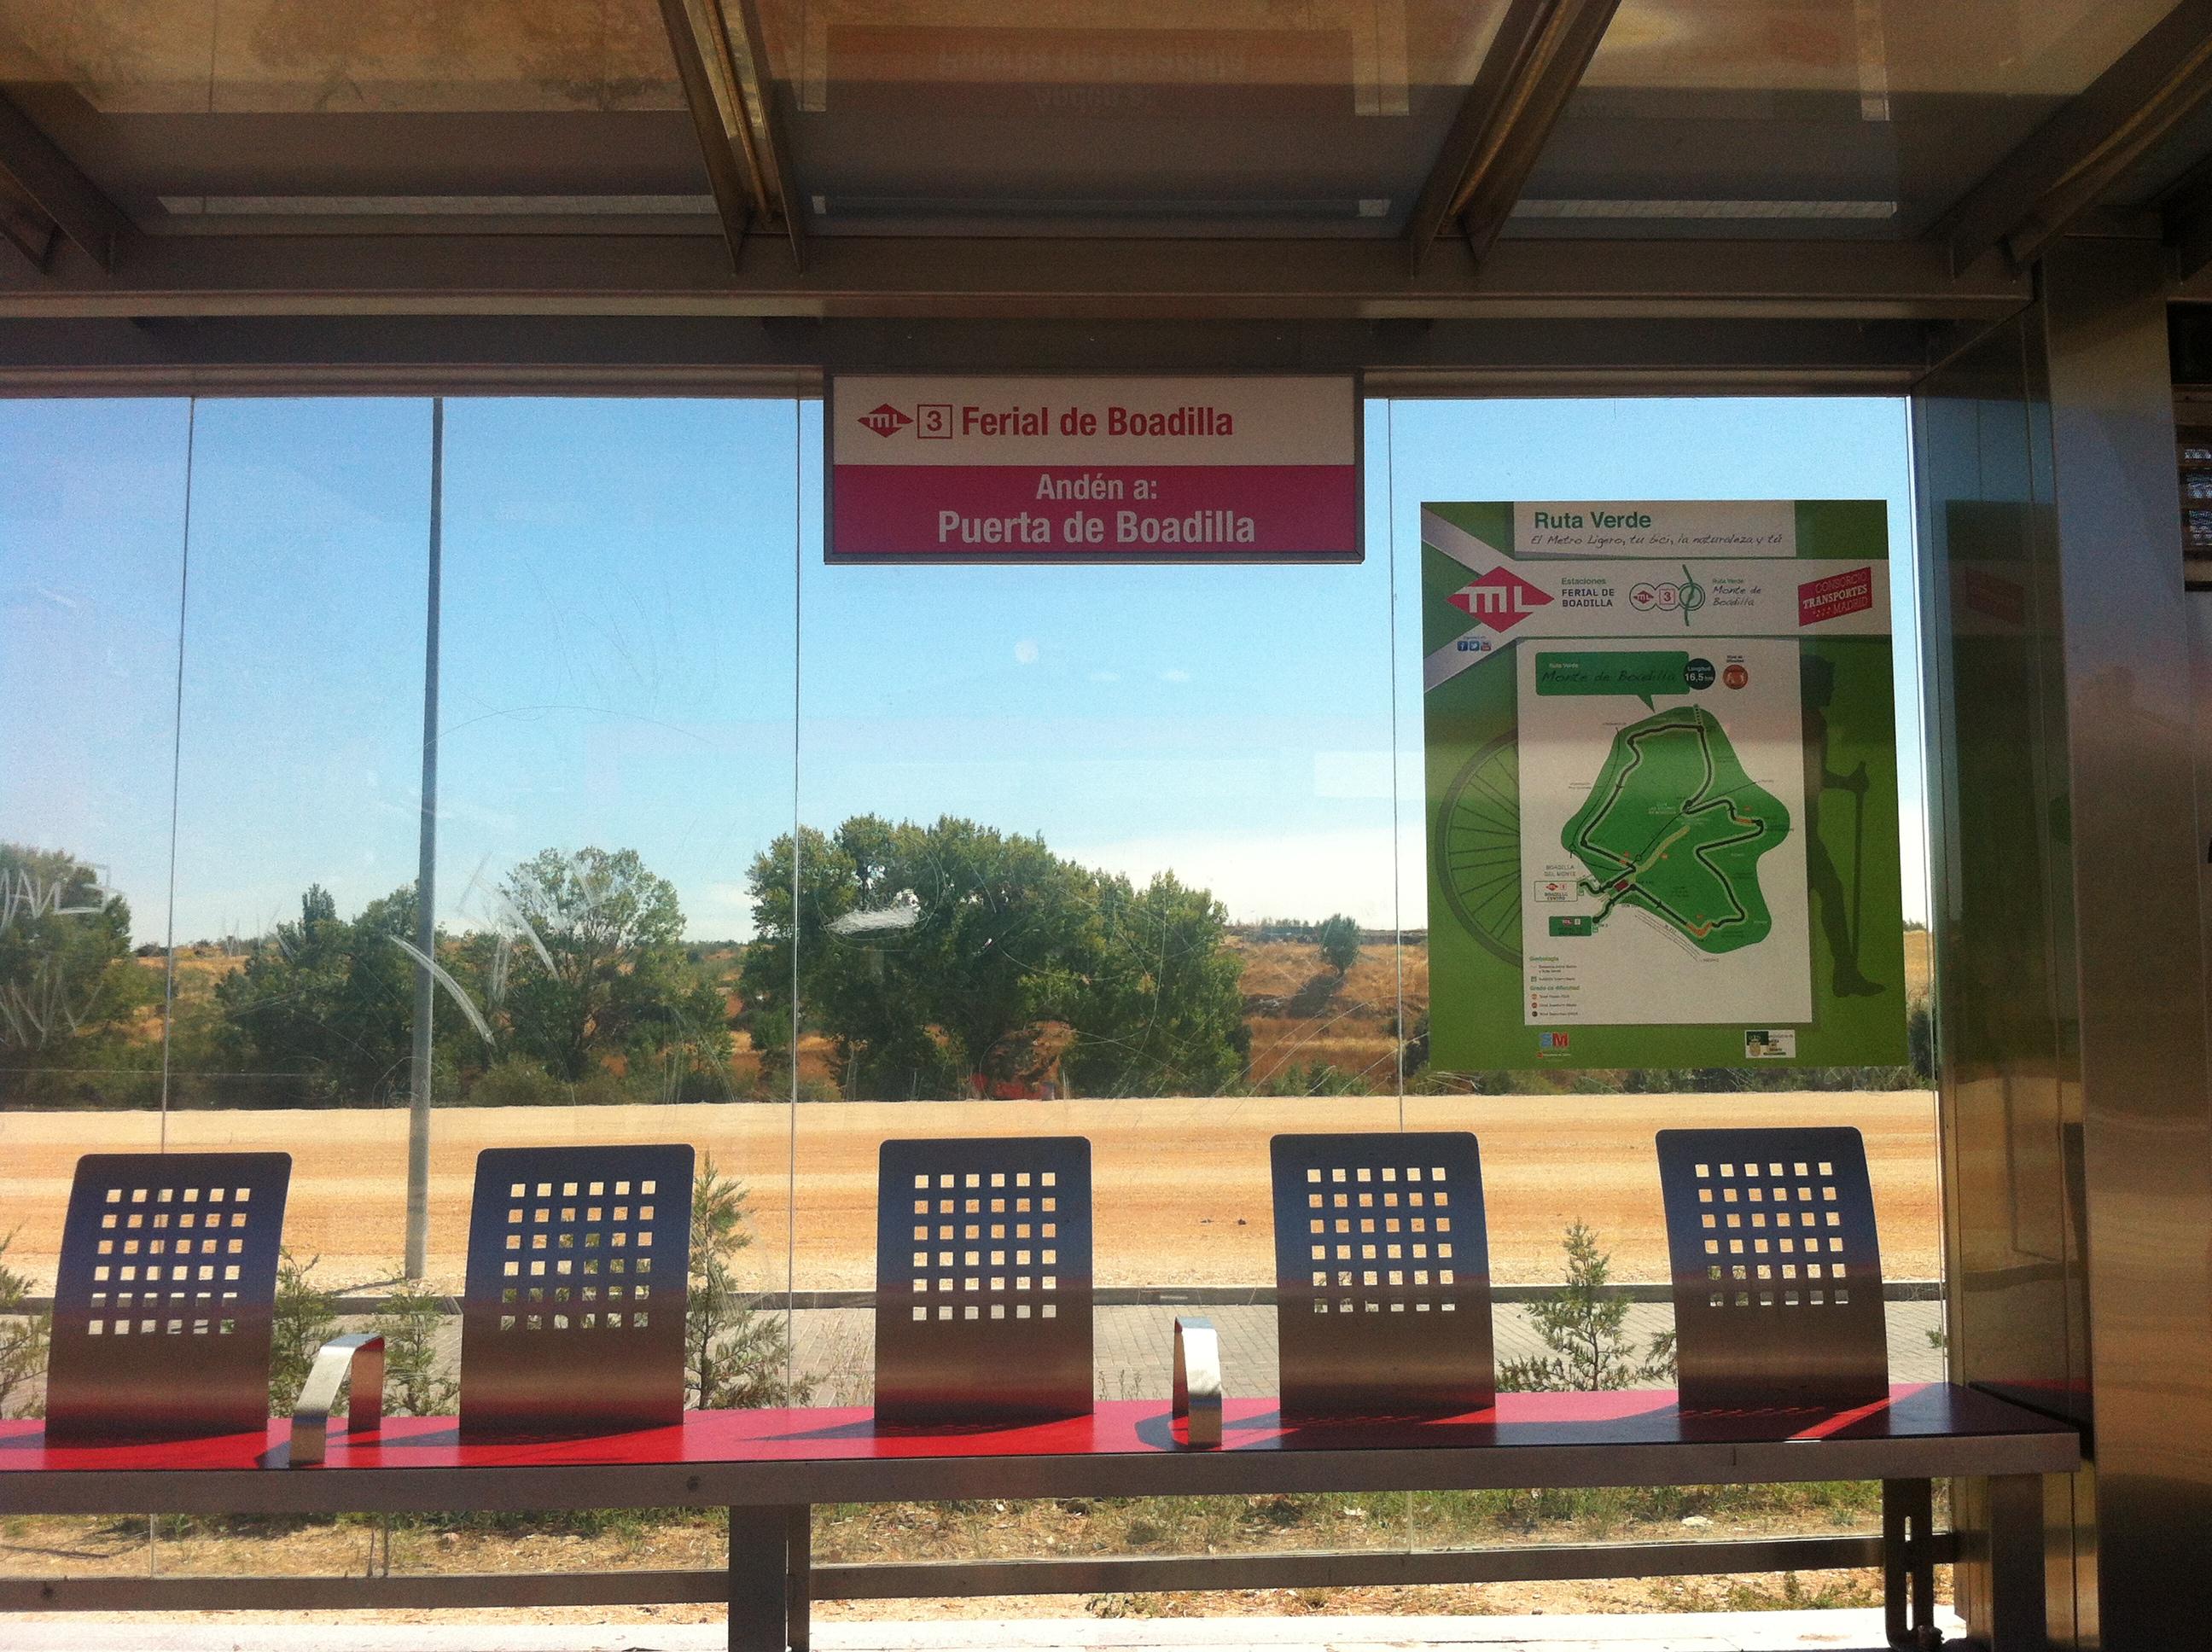 Imagen de la parada de Metro Ligero de Ferial de Boadilla con cartel de la Ruta Verde